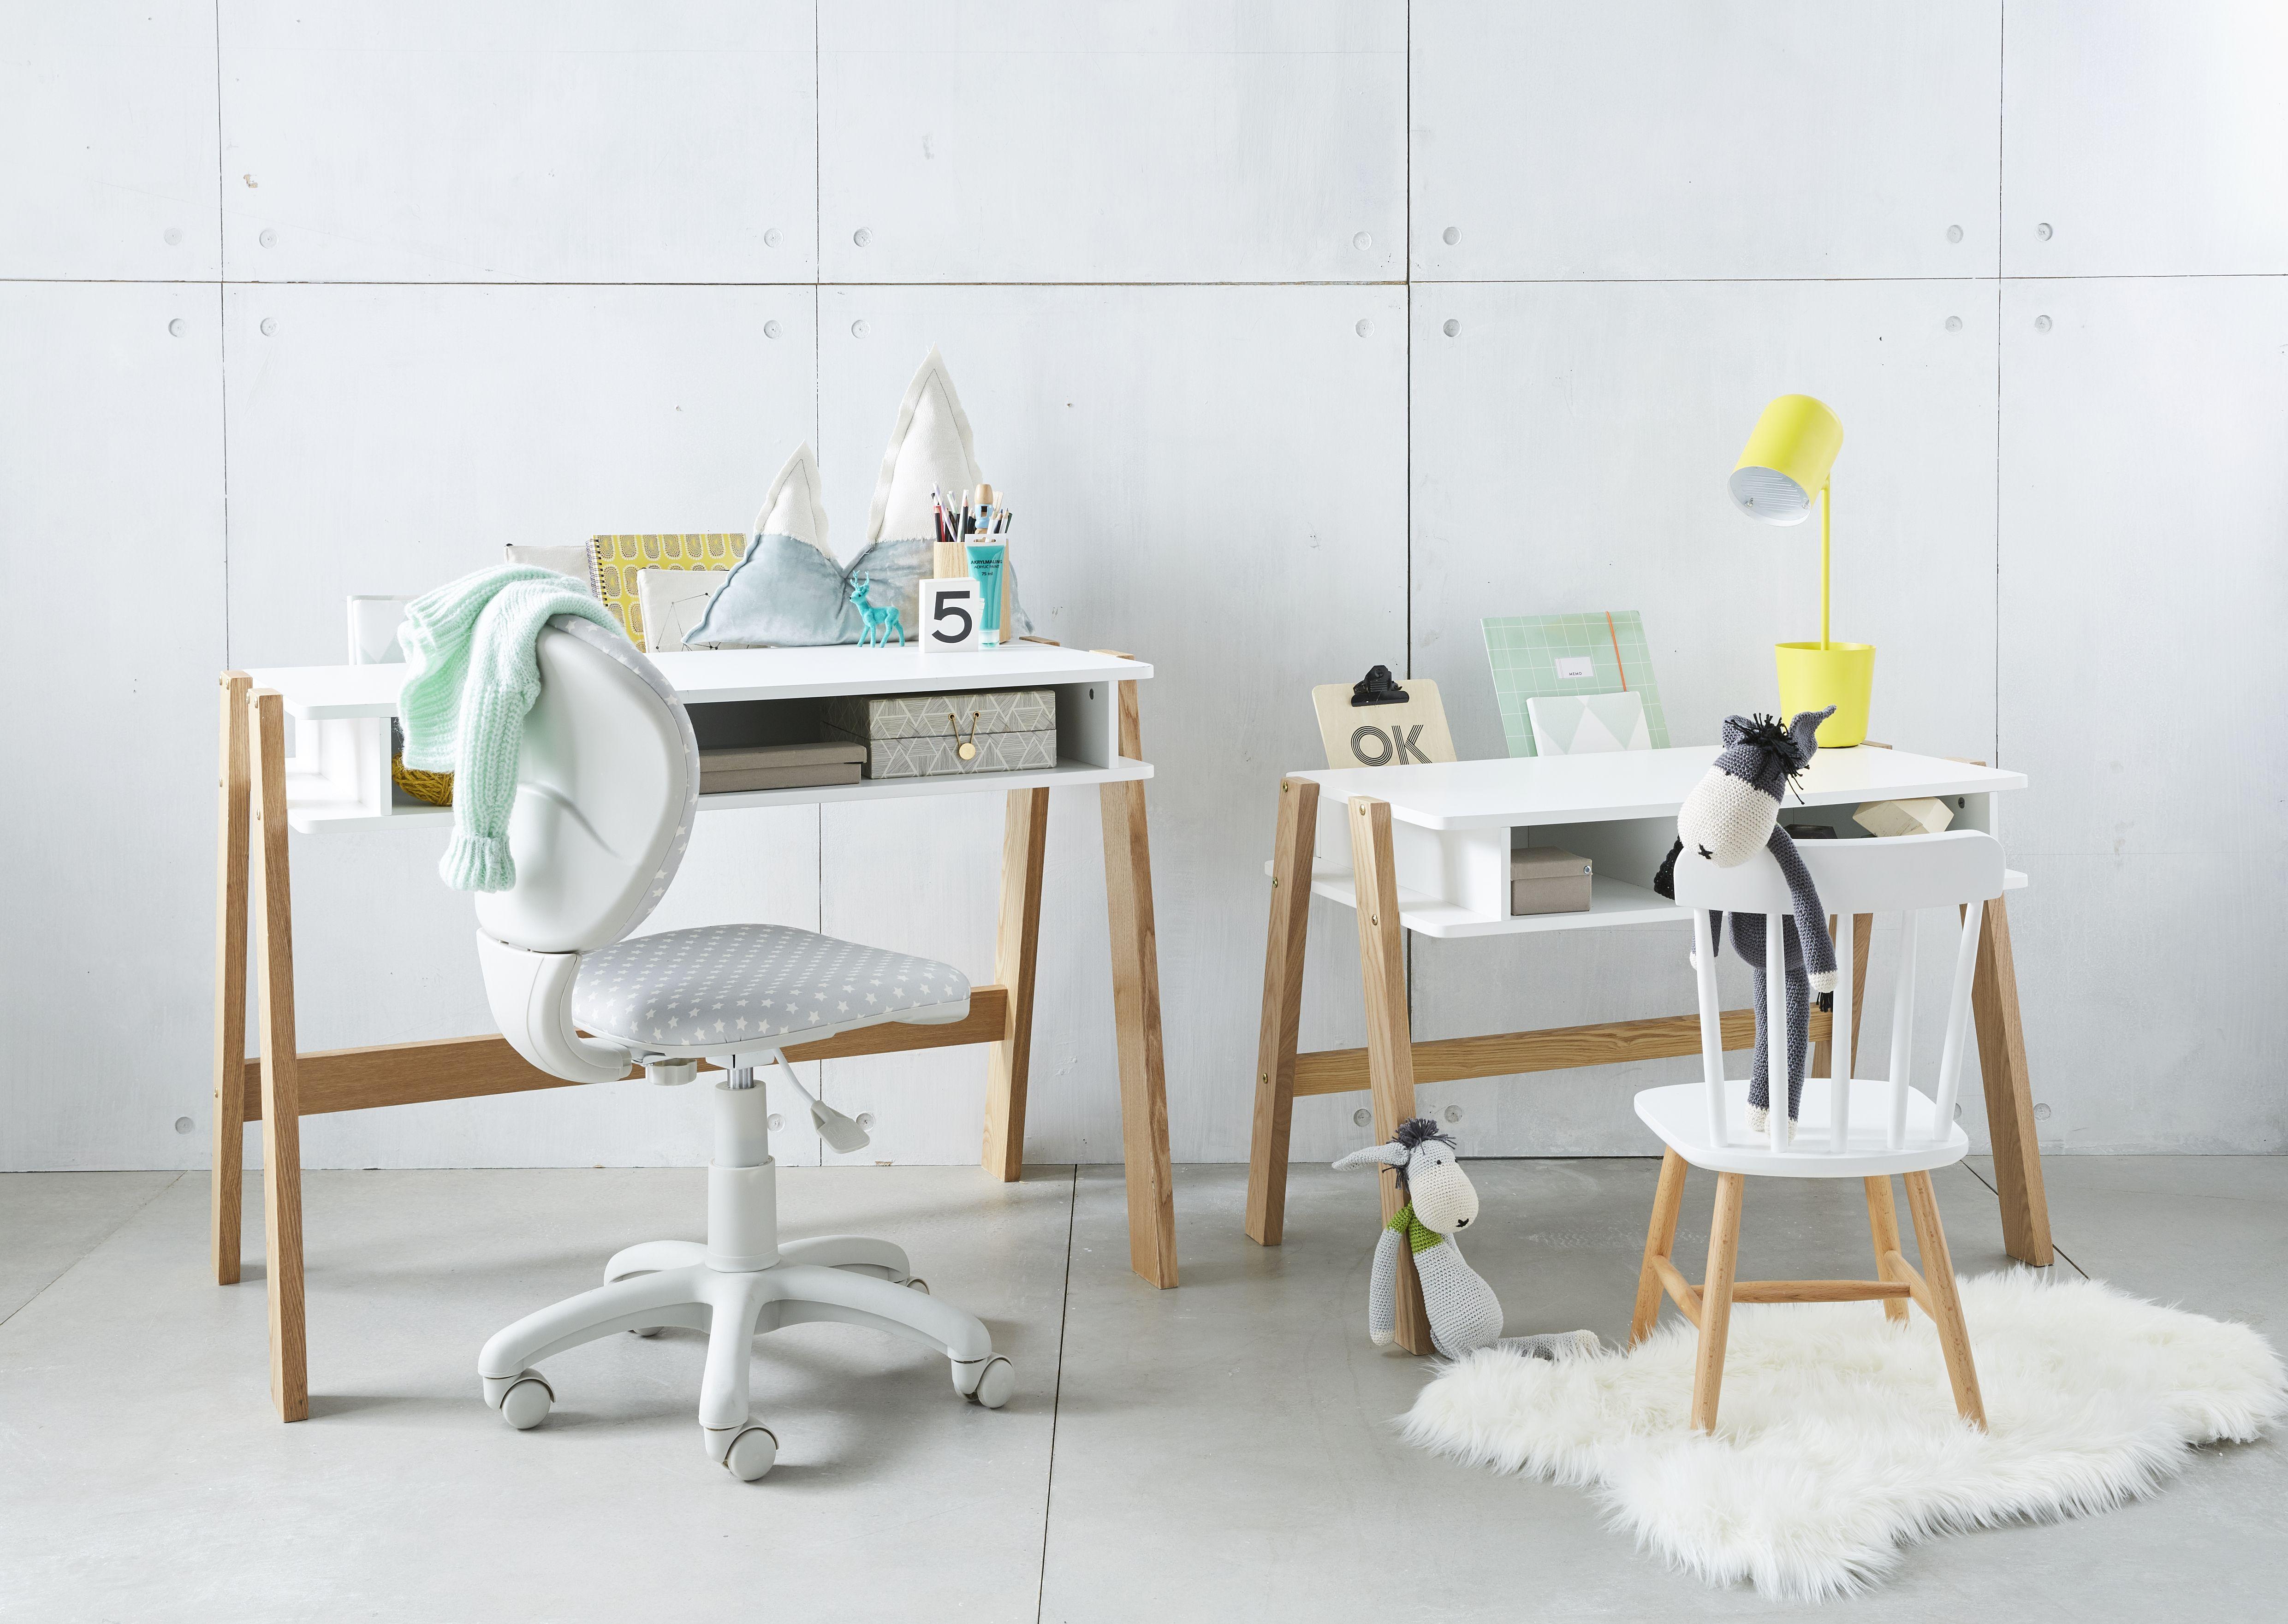 Design et ultra fonctionnel ce bureau est doté de nombreux